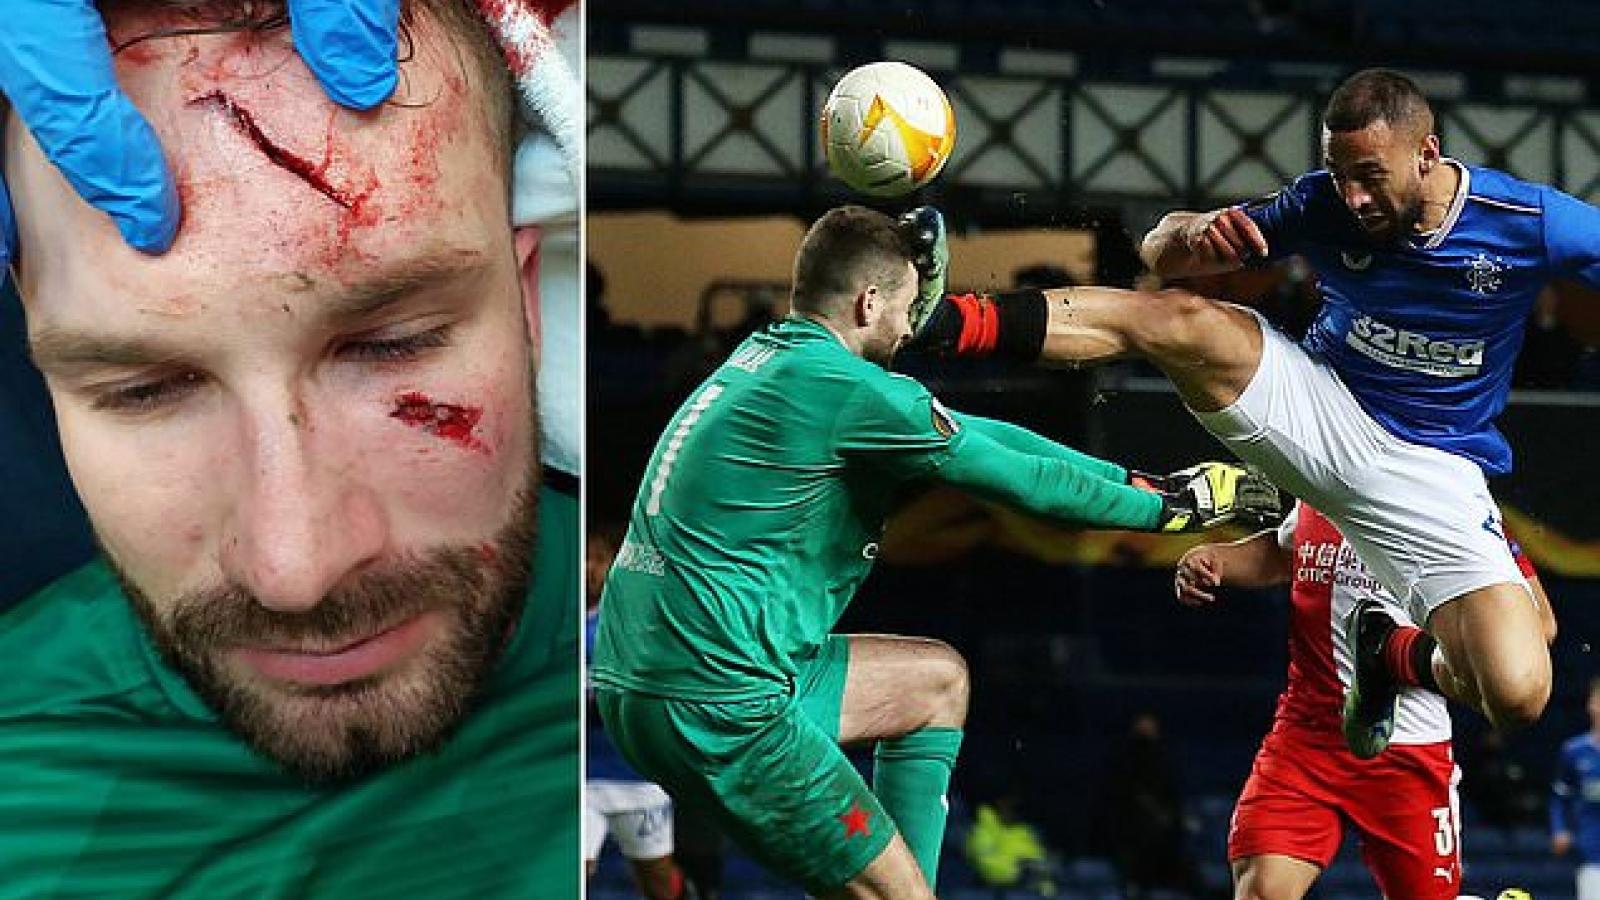 Thủ môn bị đạp thẳng vào mặt trong trận đấu bạo lực ở Europa League